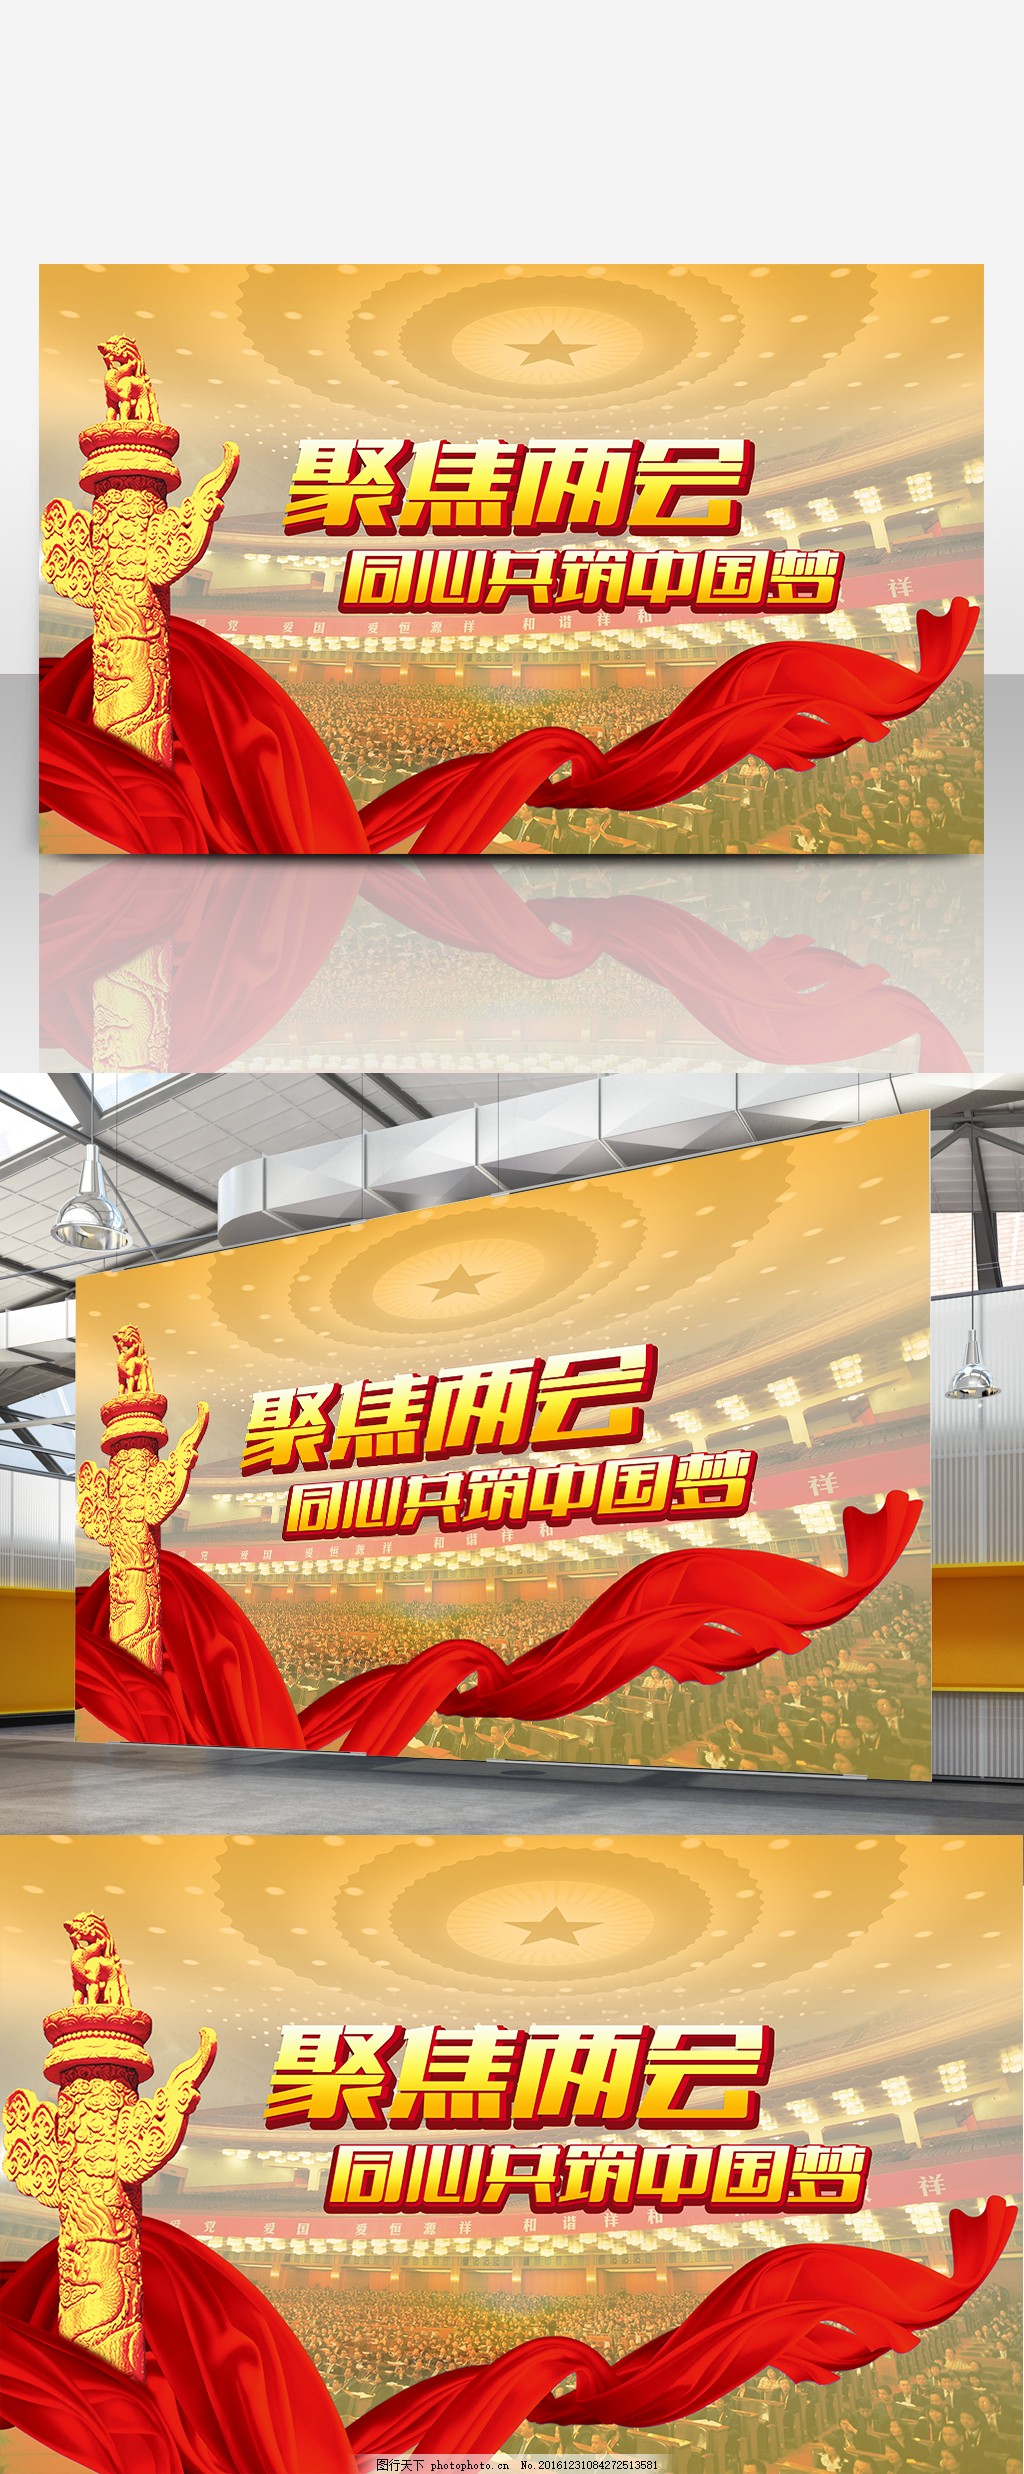 聚焦两会同心共筑中国梦